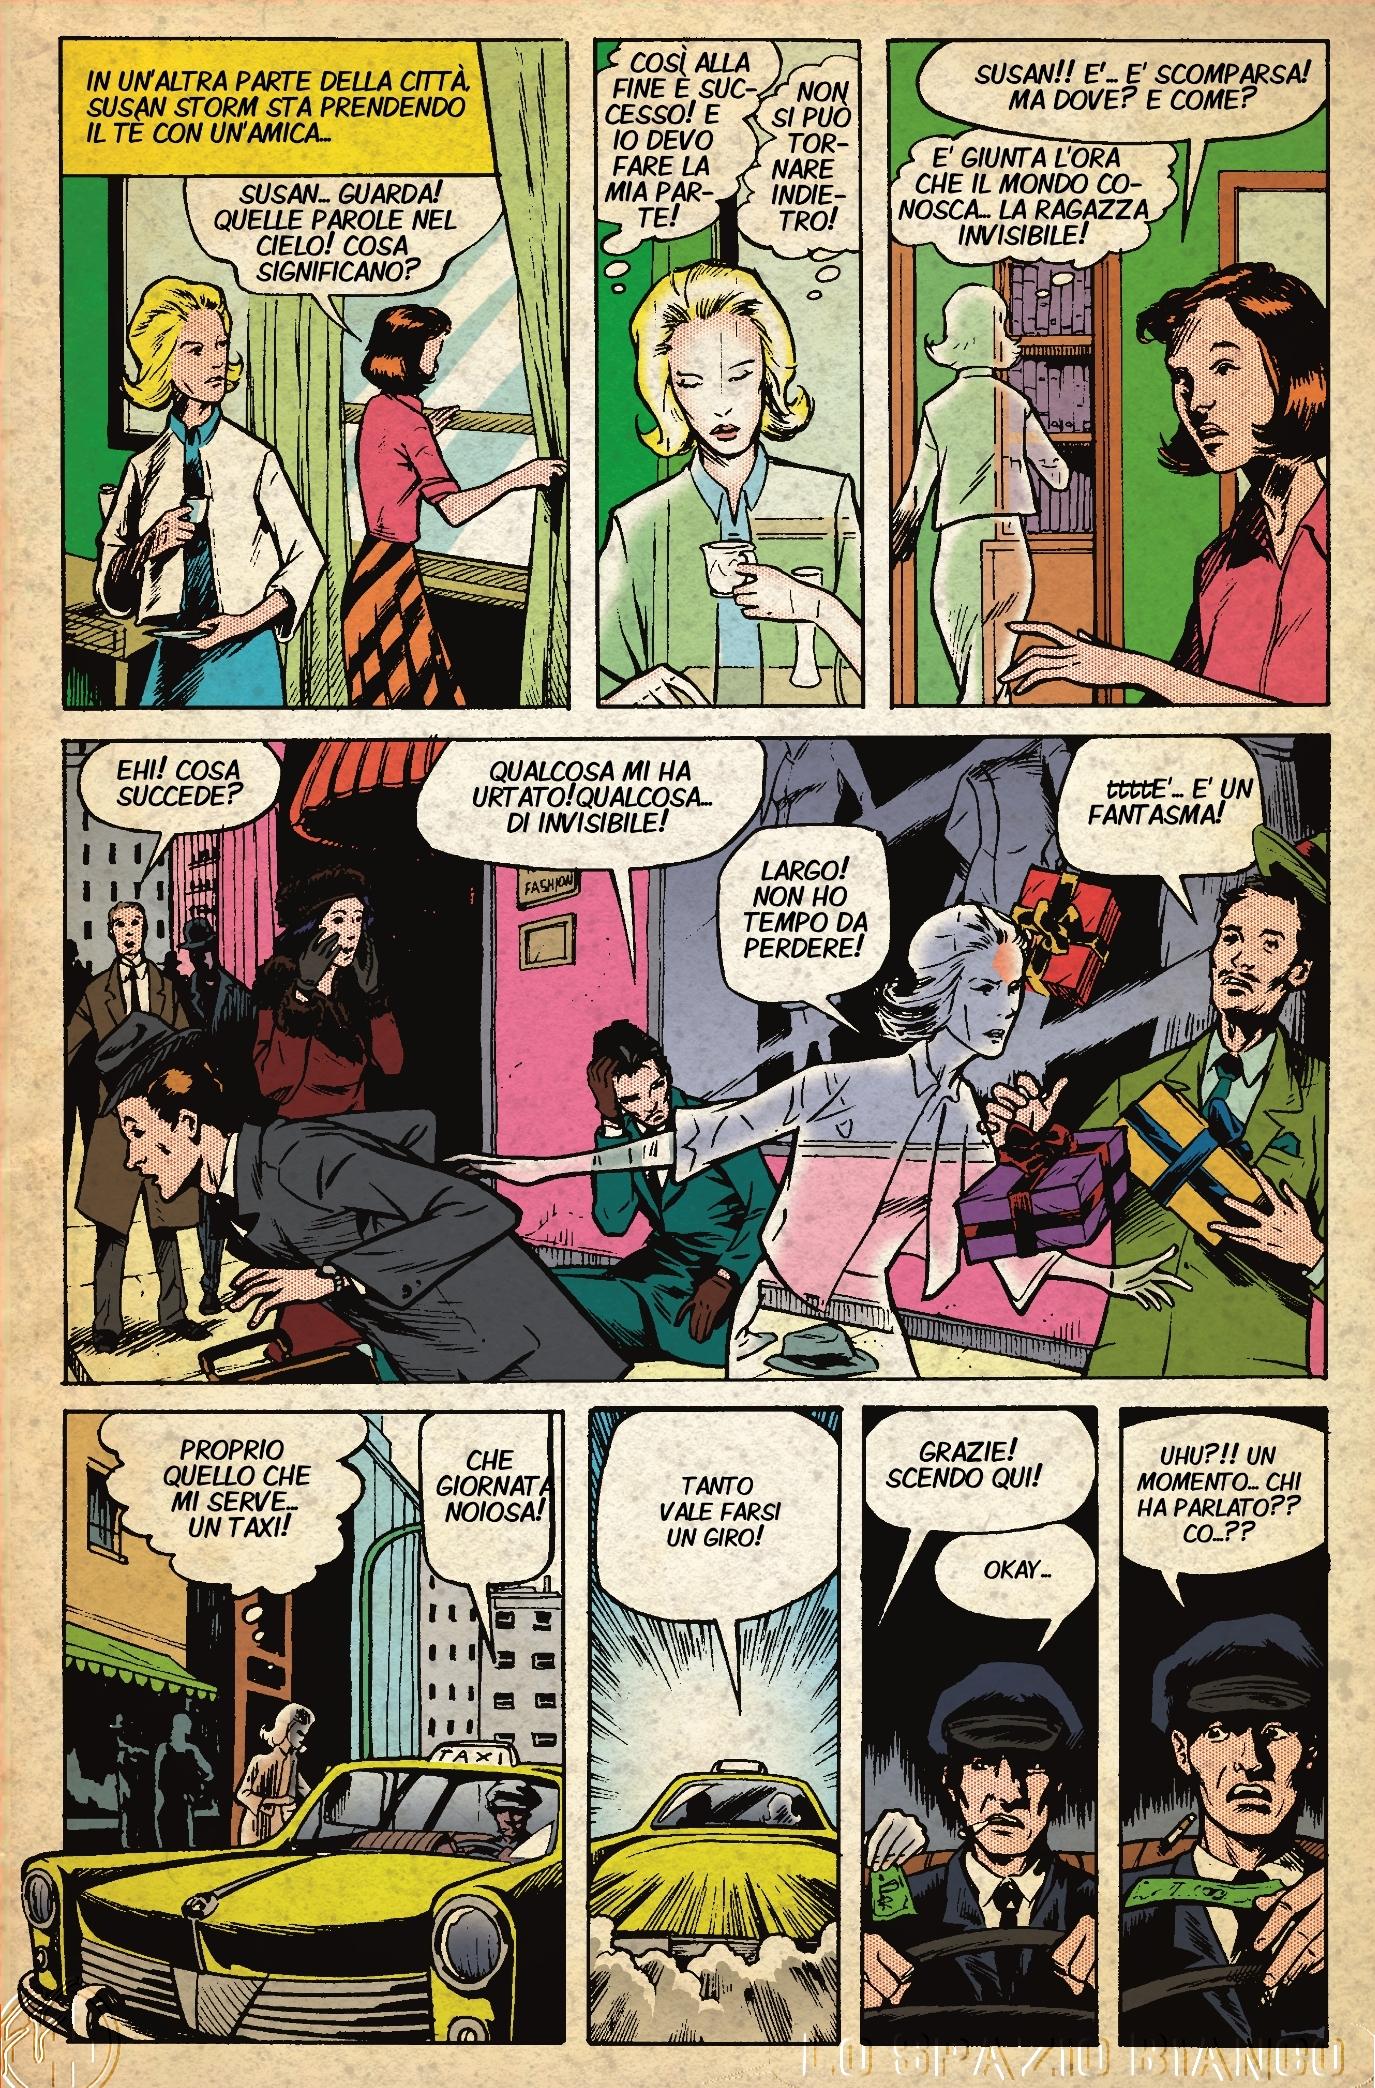 pagina 02 sovraimpressione